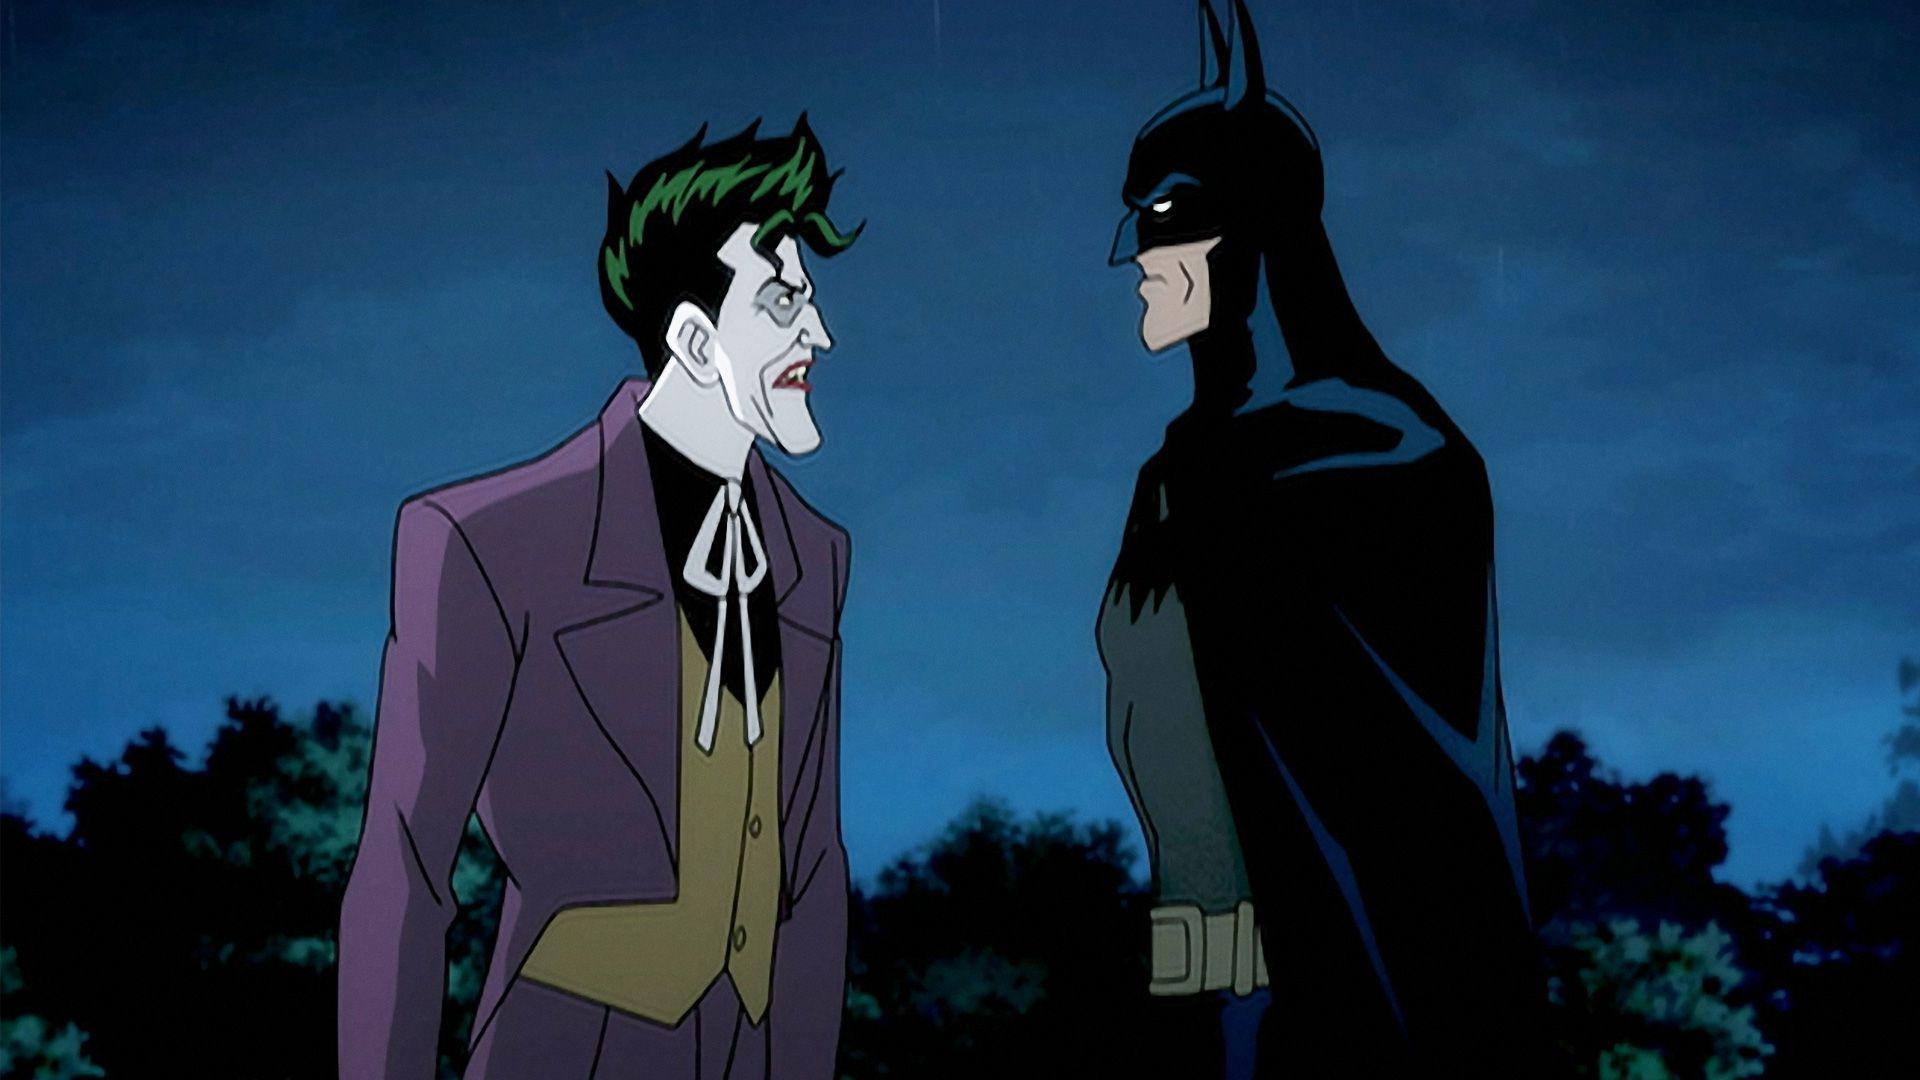 Batman and Joker in Batman: The Killing Joke